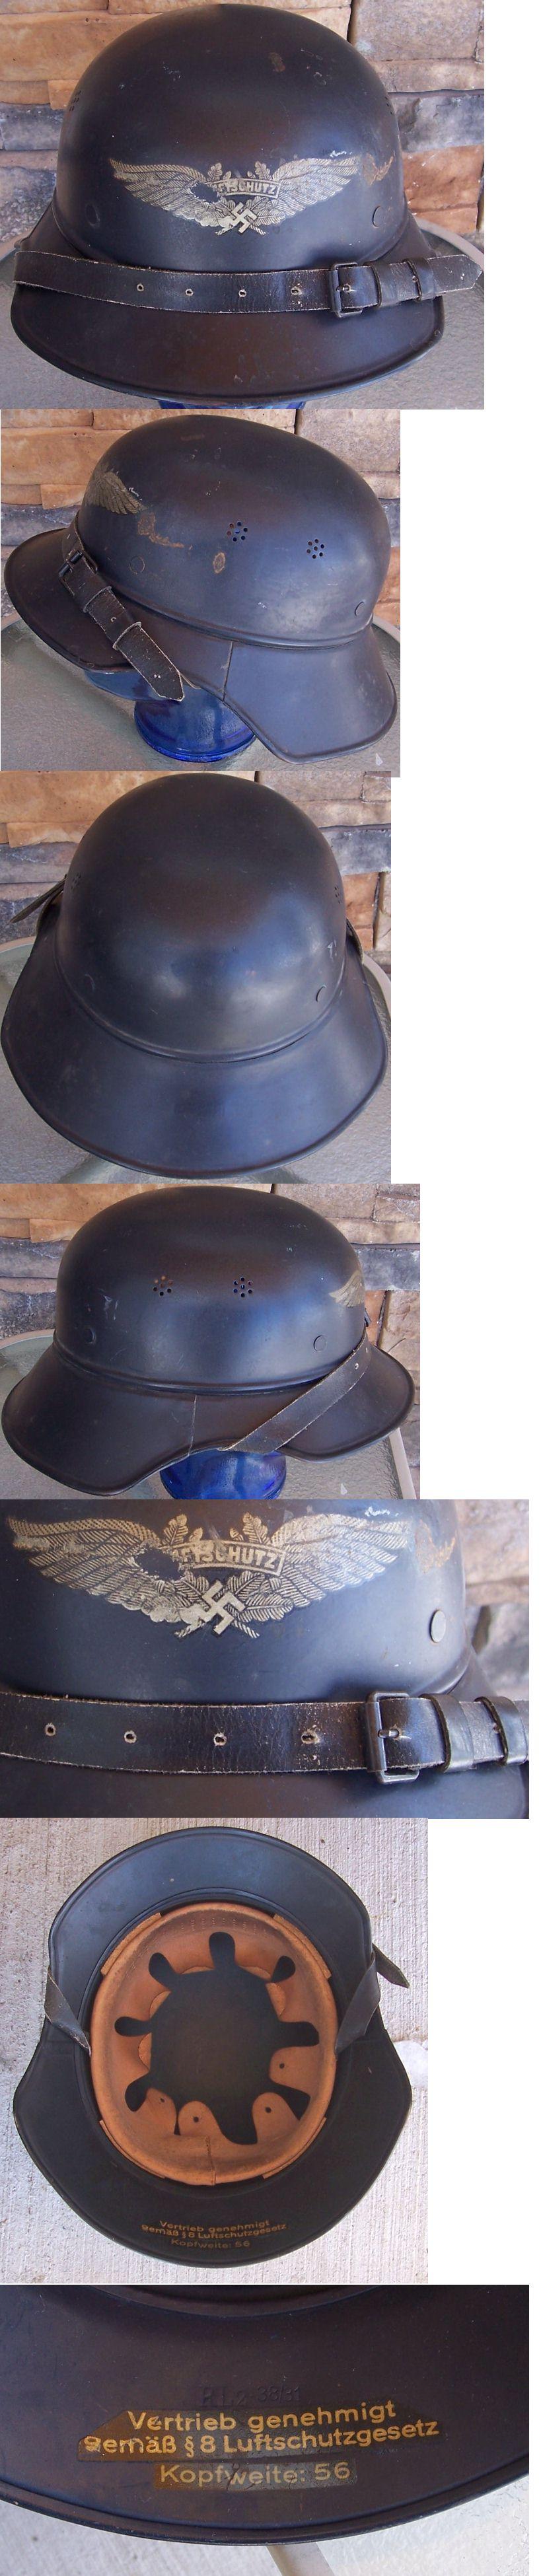 M38 Luftschutz Helmet